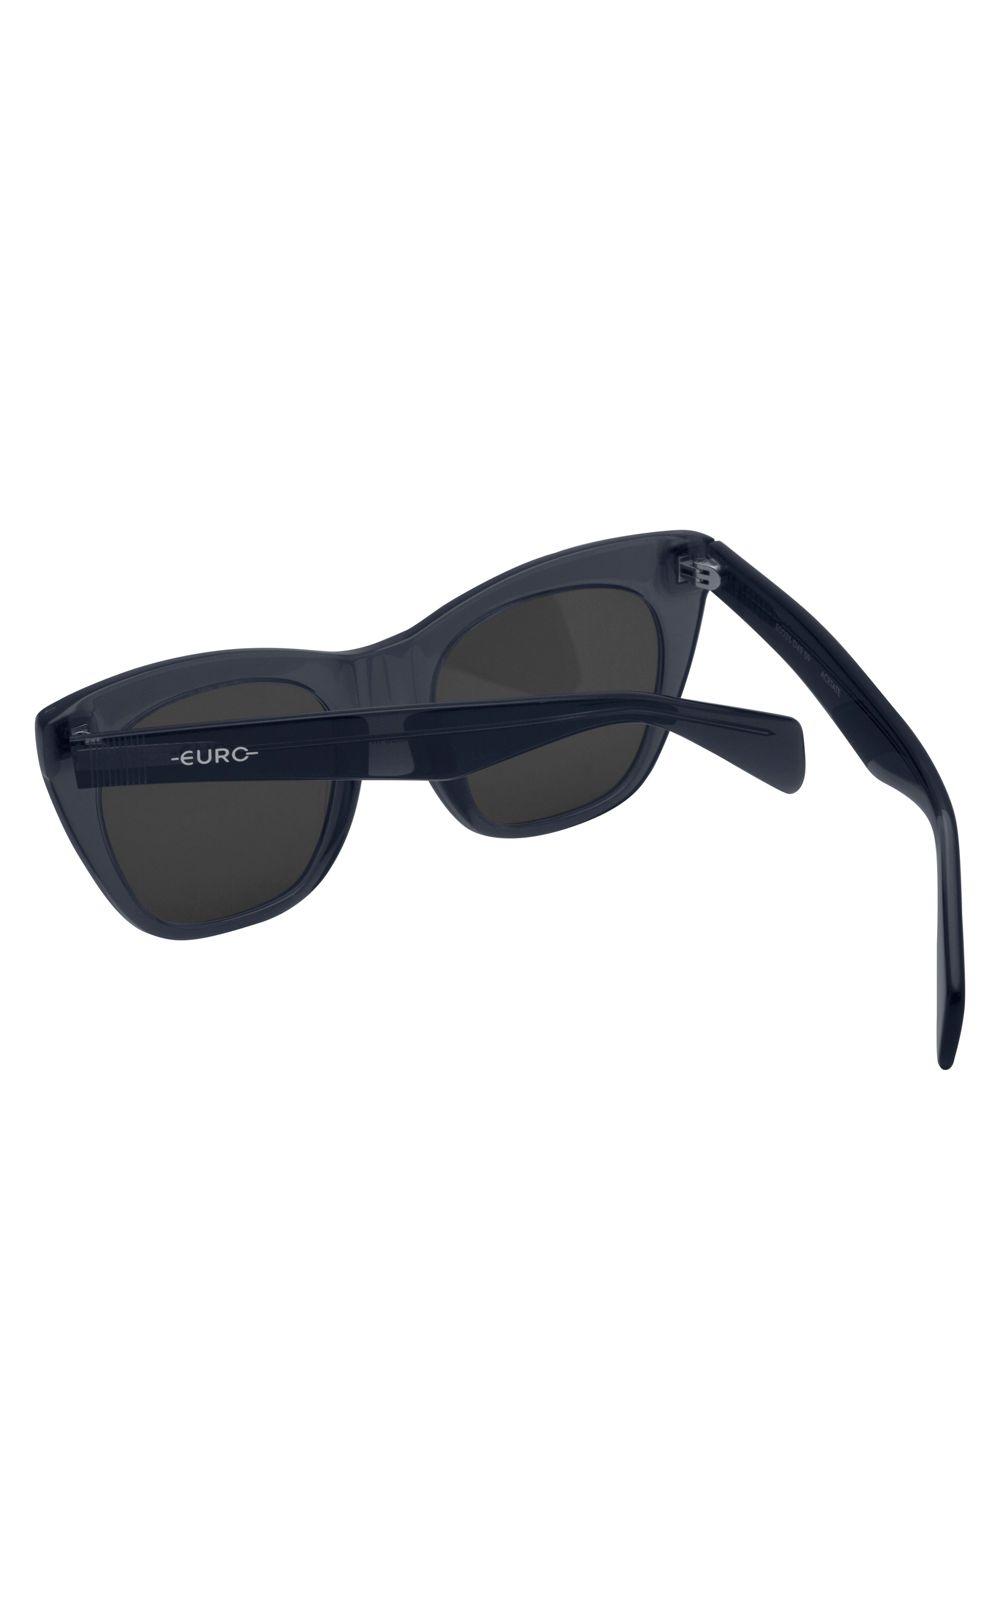 Foto 3 - Óculos Euro Power Shape Feminino Fumê E0036D4909/8C